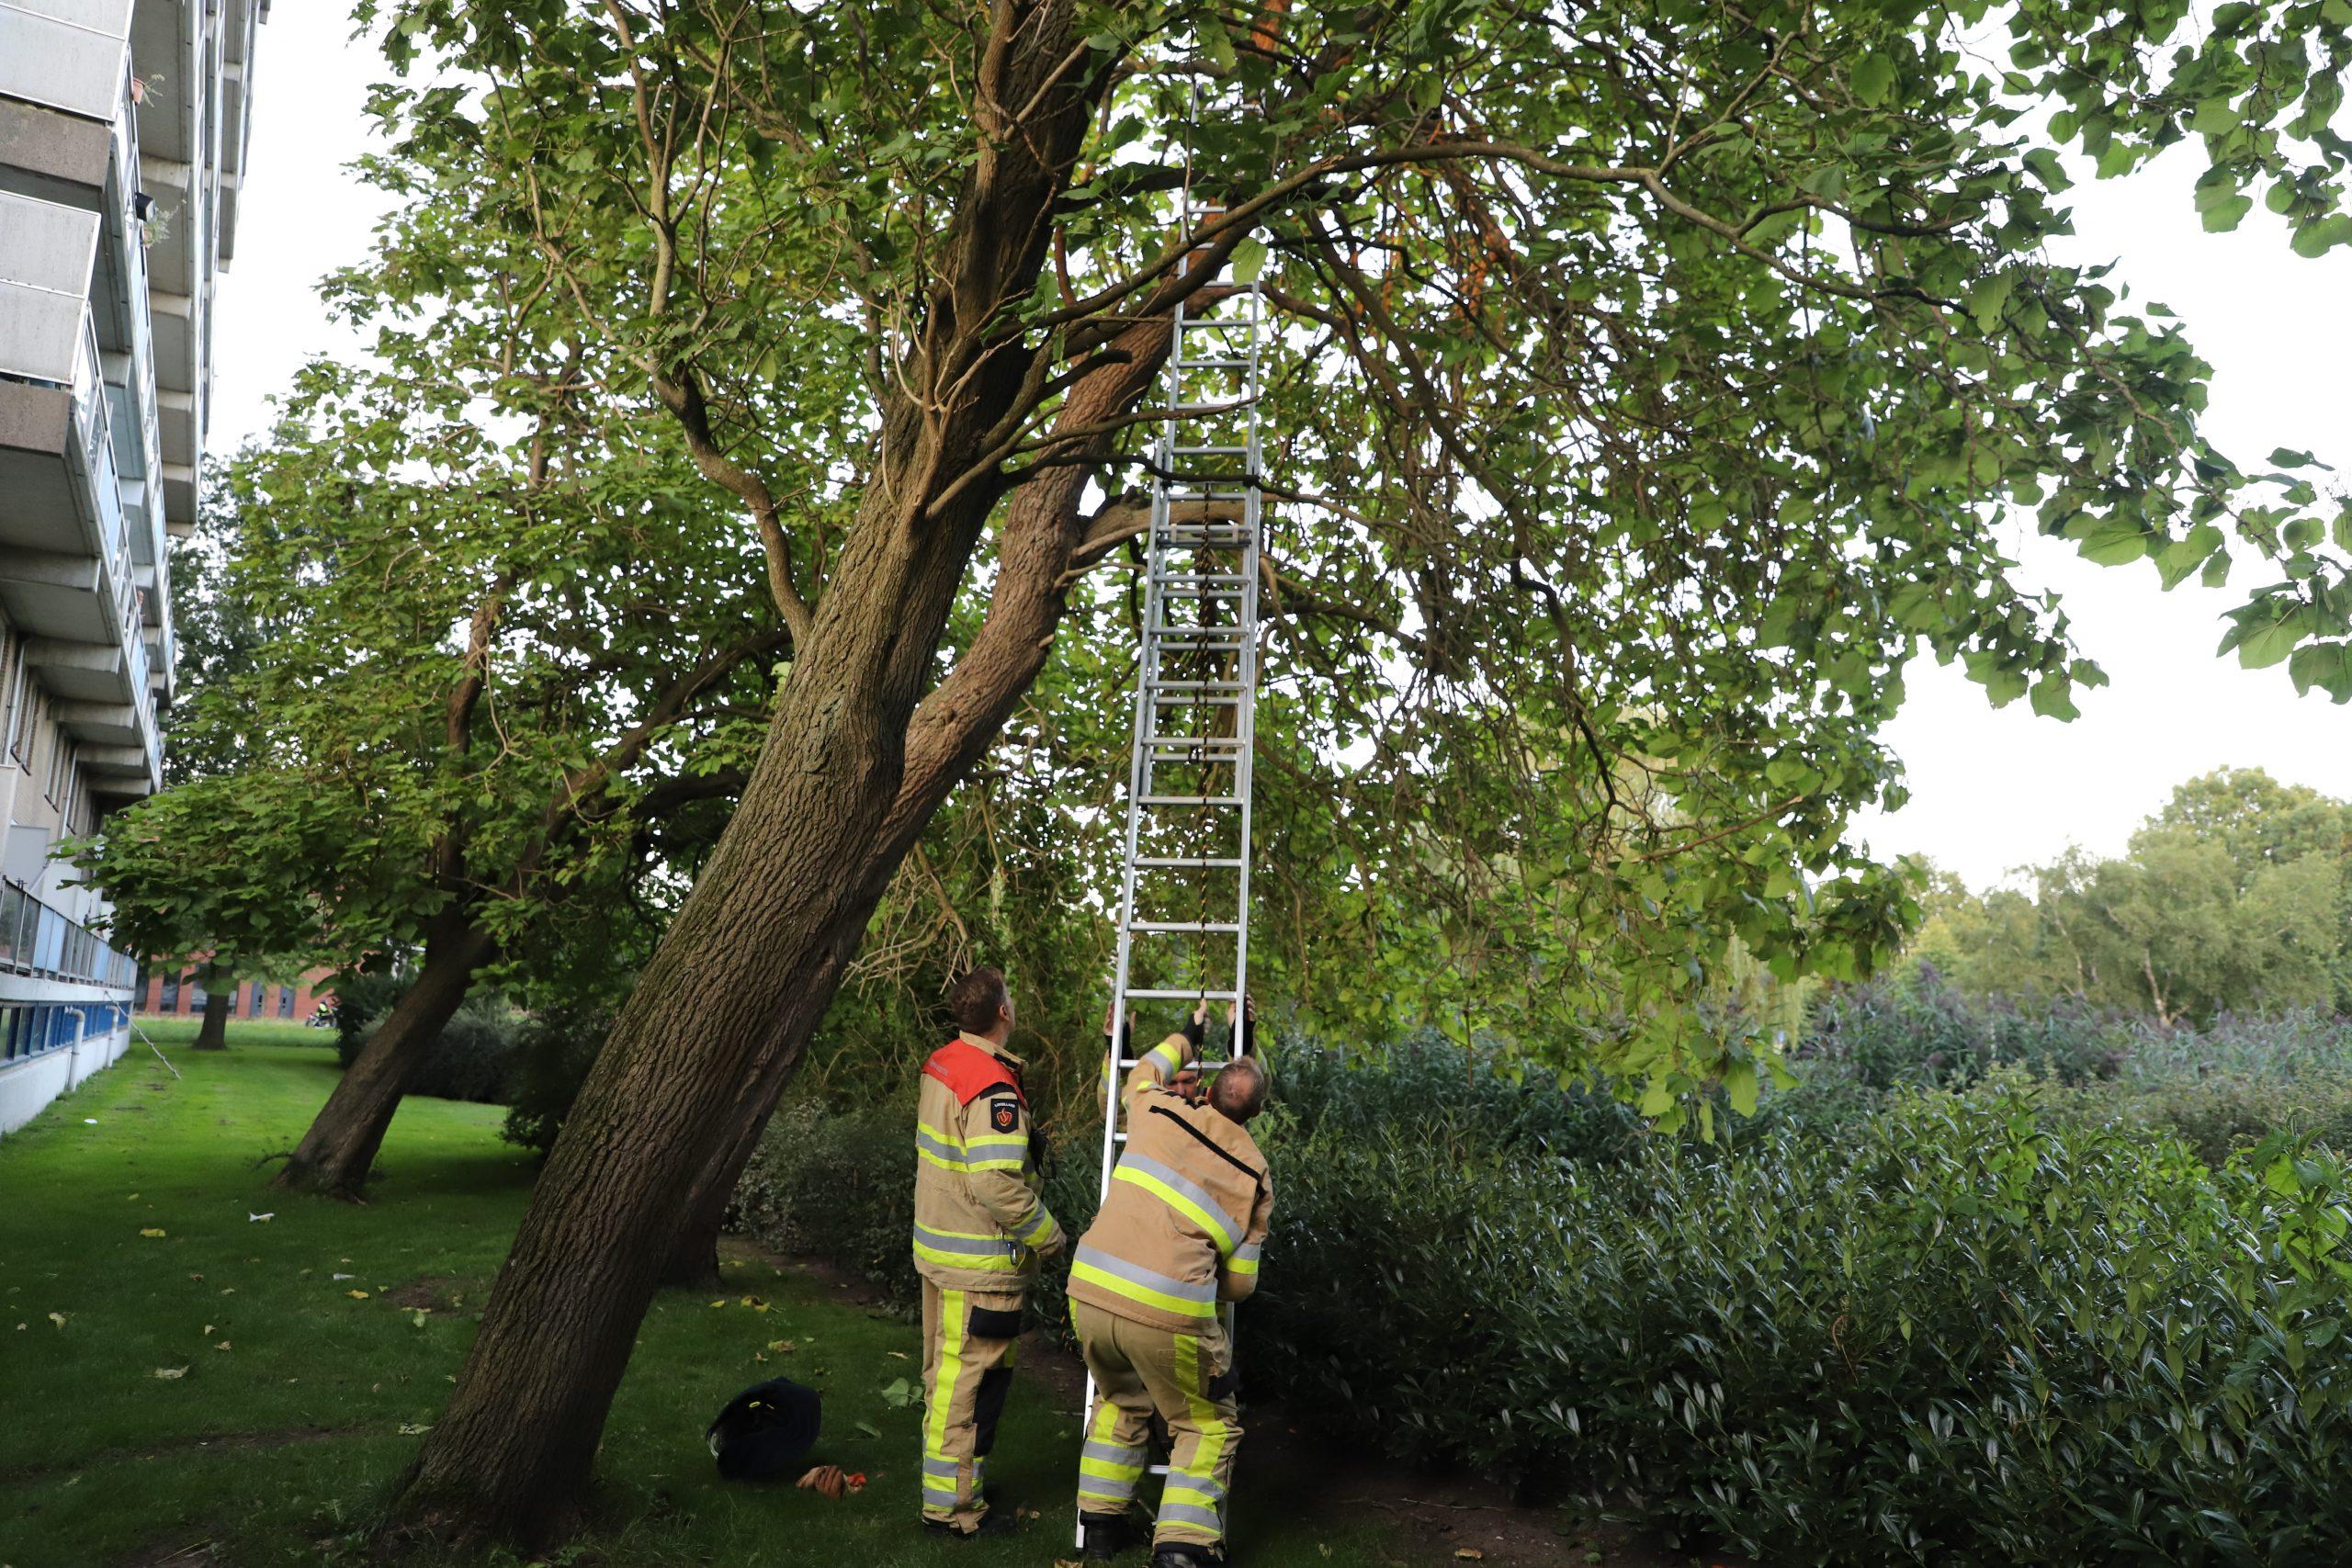 Heldhaftig optreden Kamper brandweer in gevalletje Felis catus